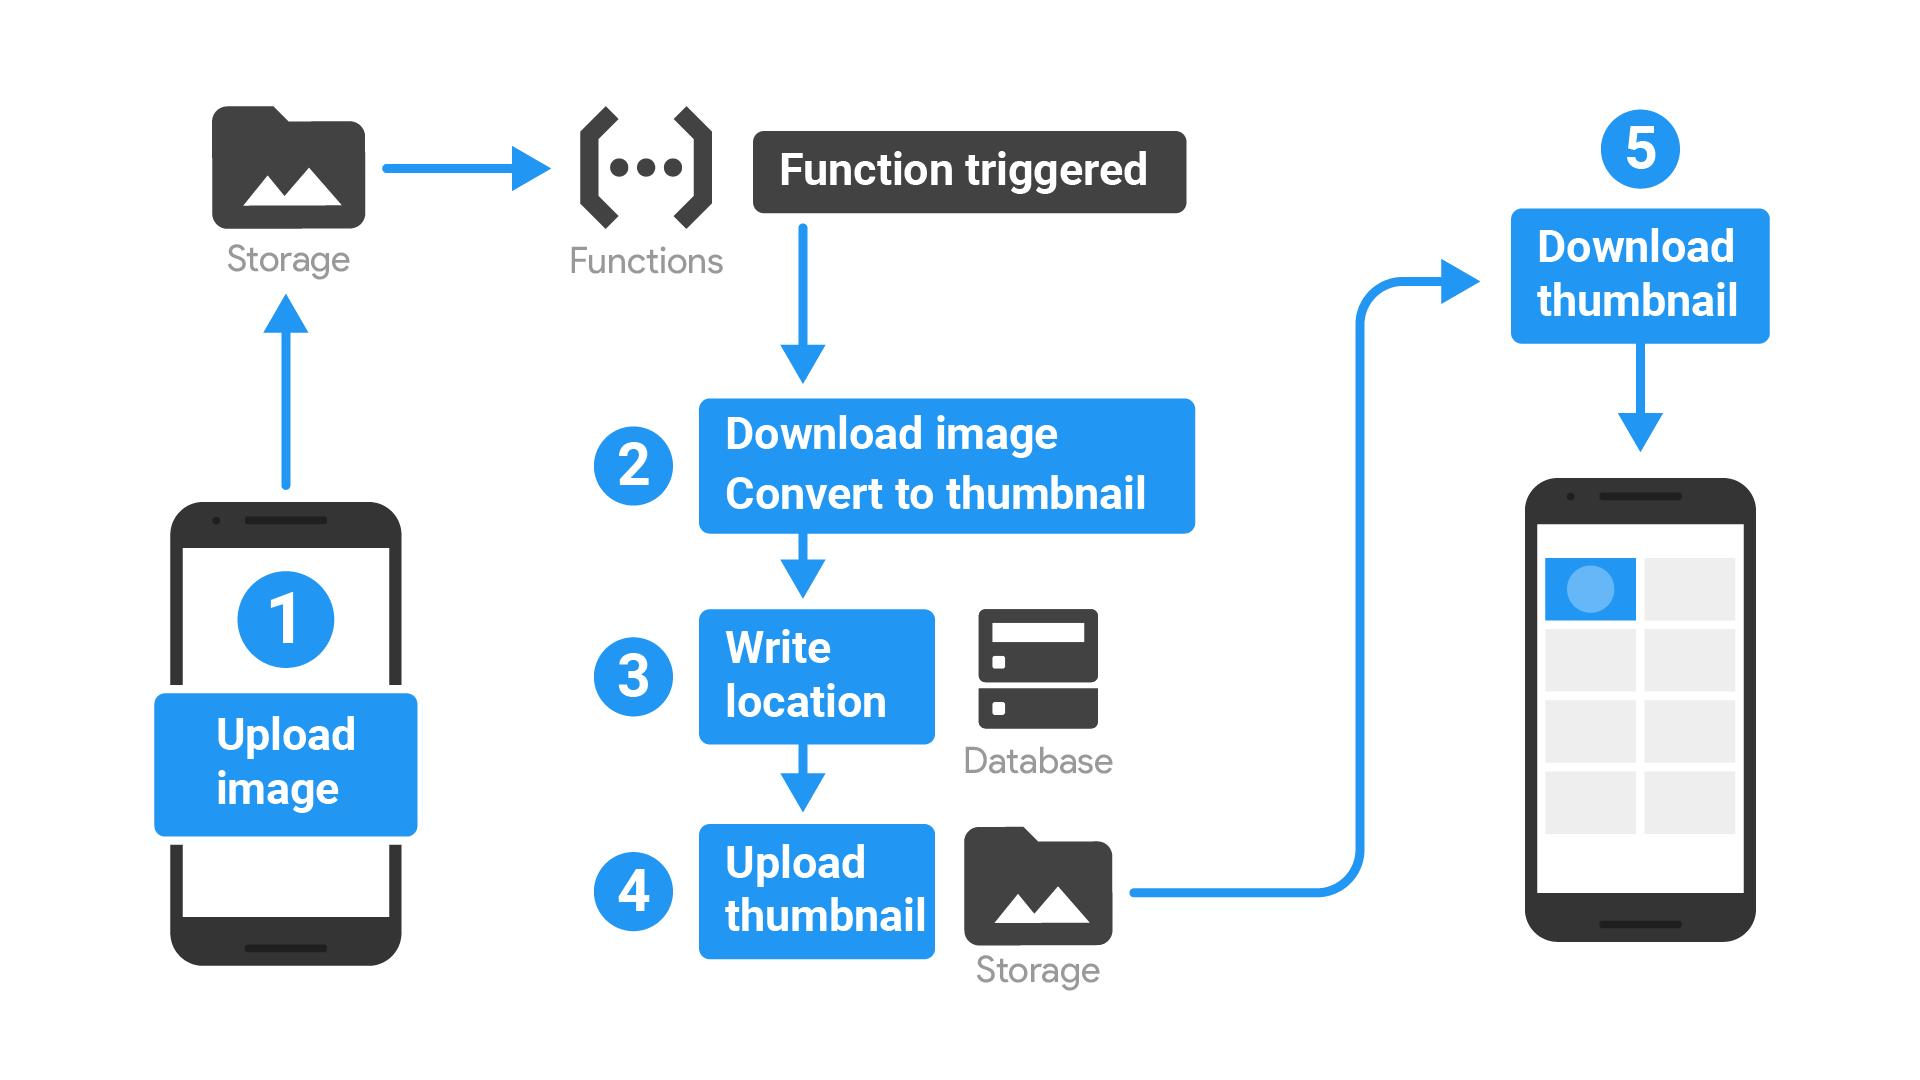 顯示下面描述的應用程序流程的圖表